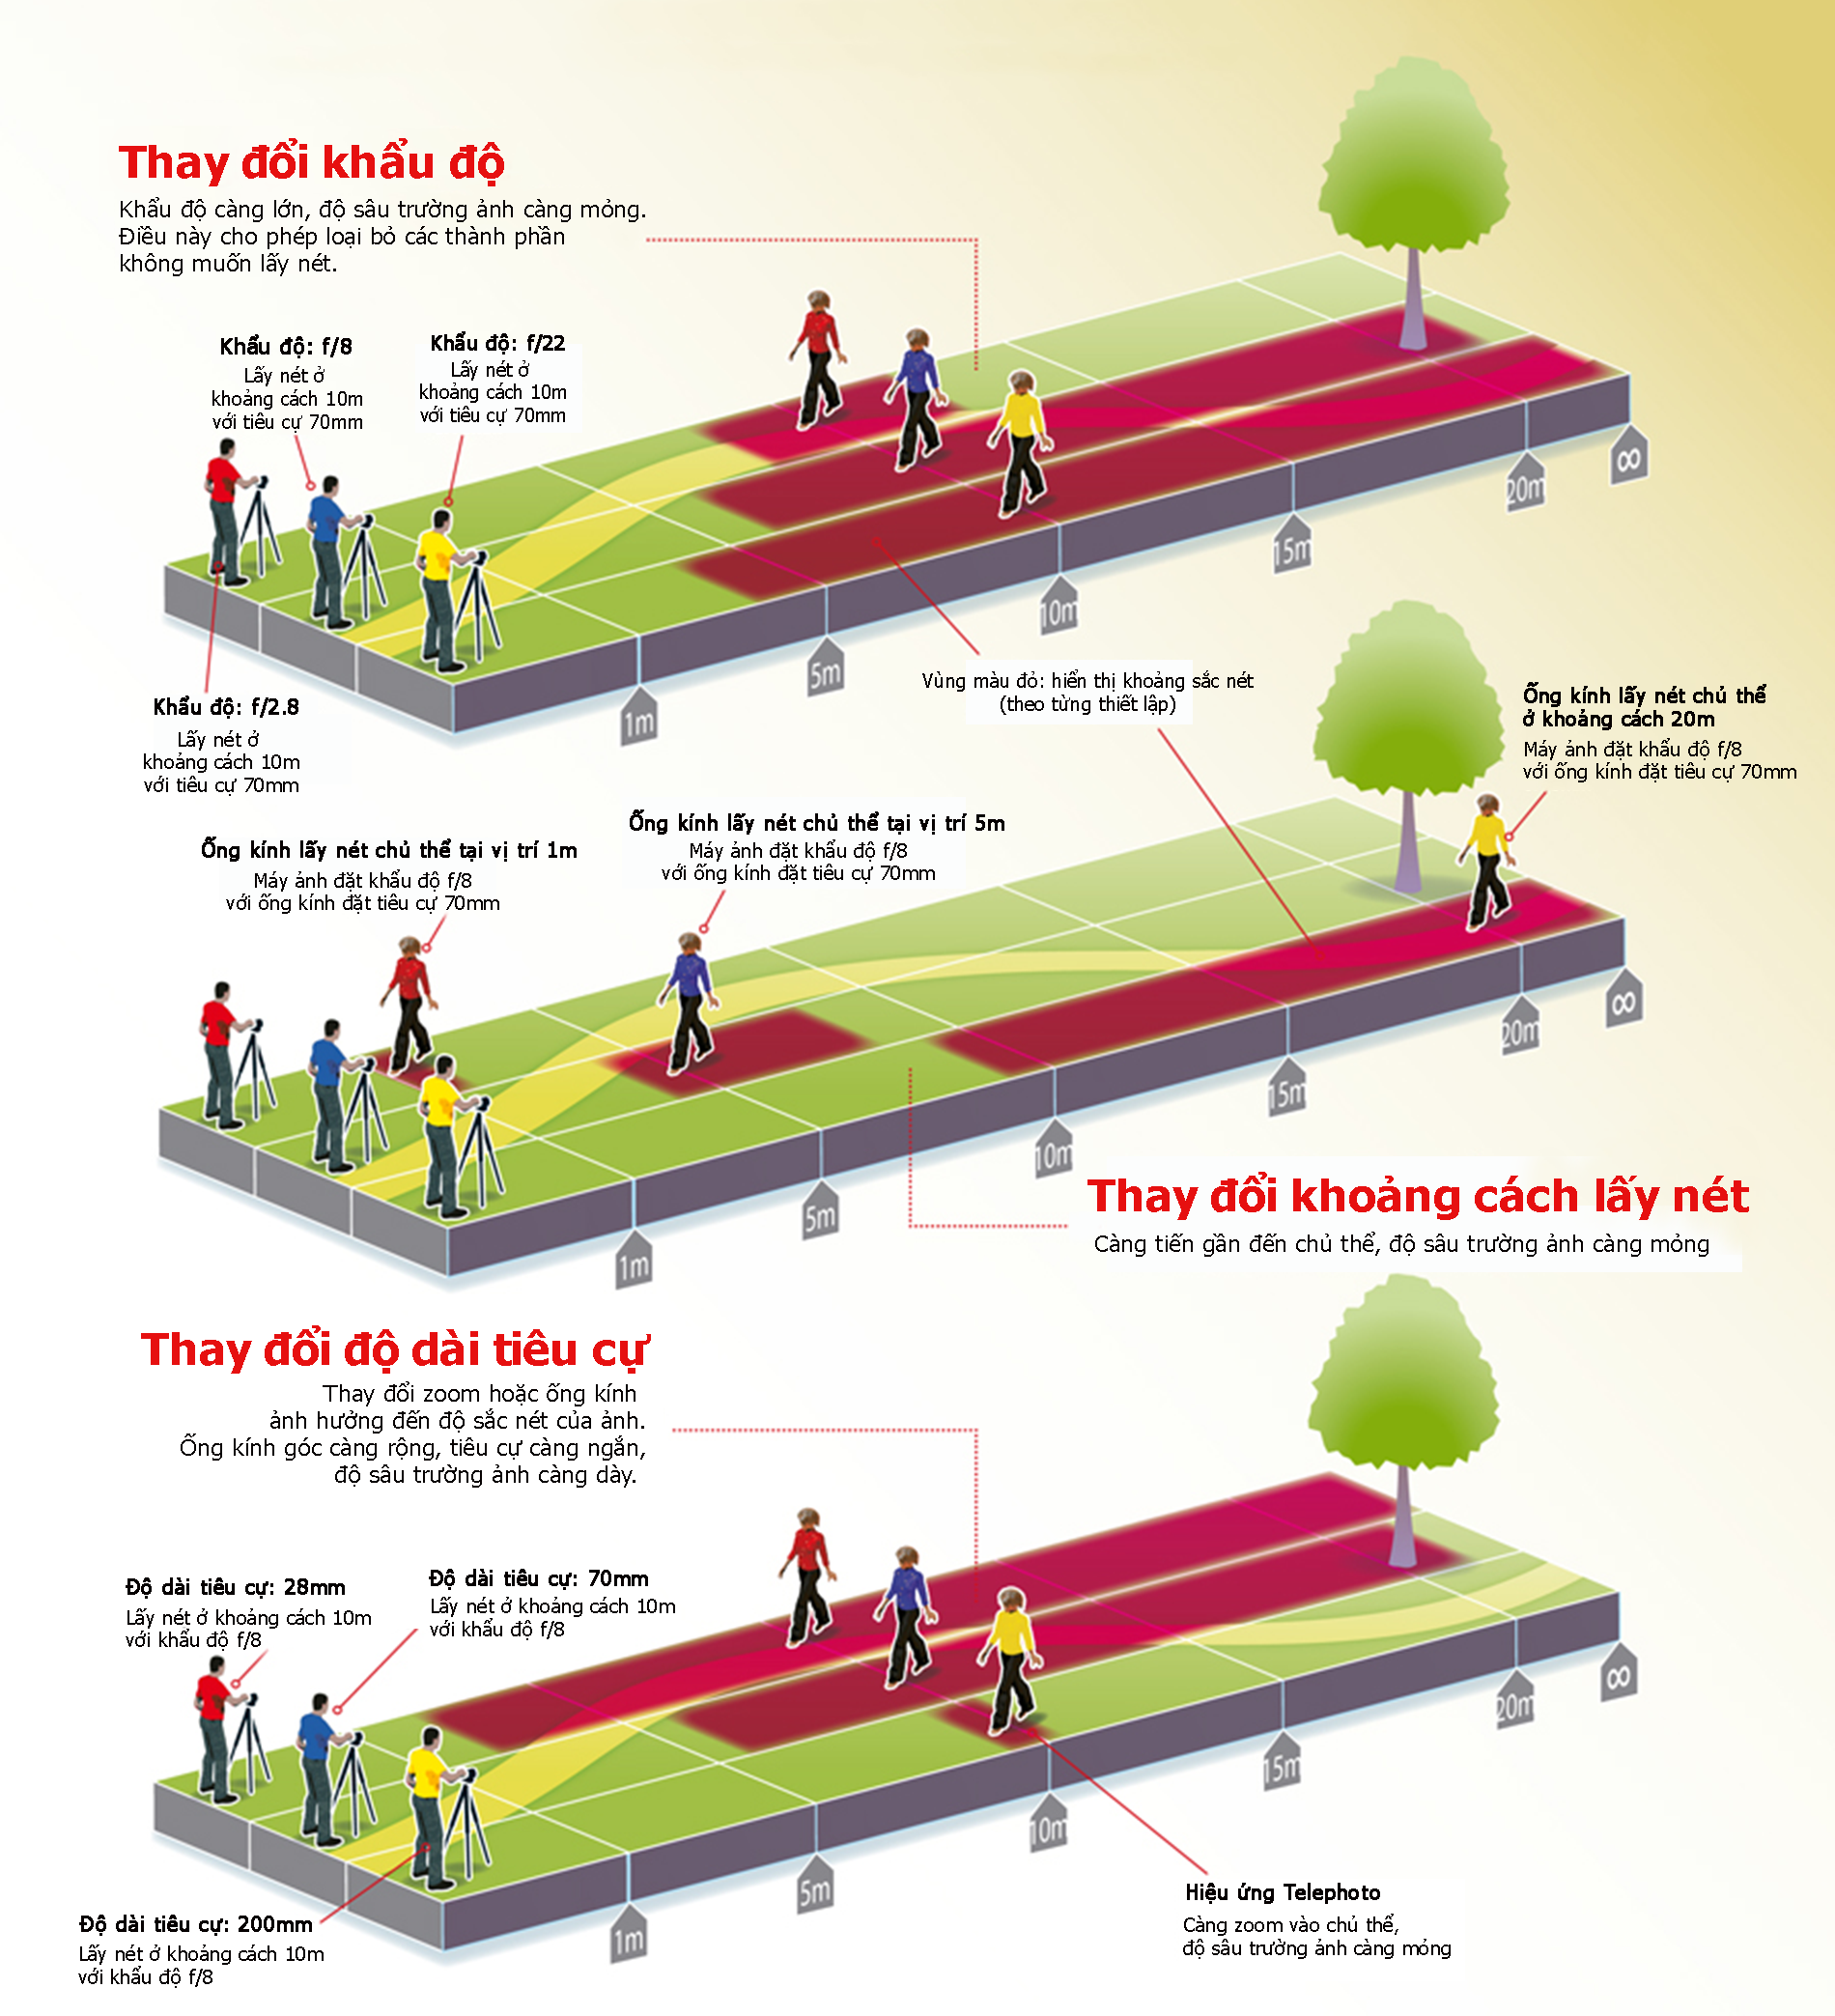 4 yếu tố ảnh hưởng đến độ sâu trường ảnh